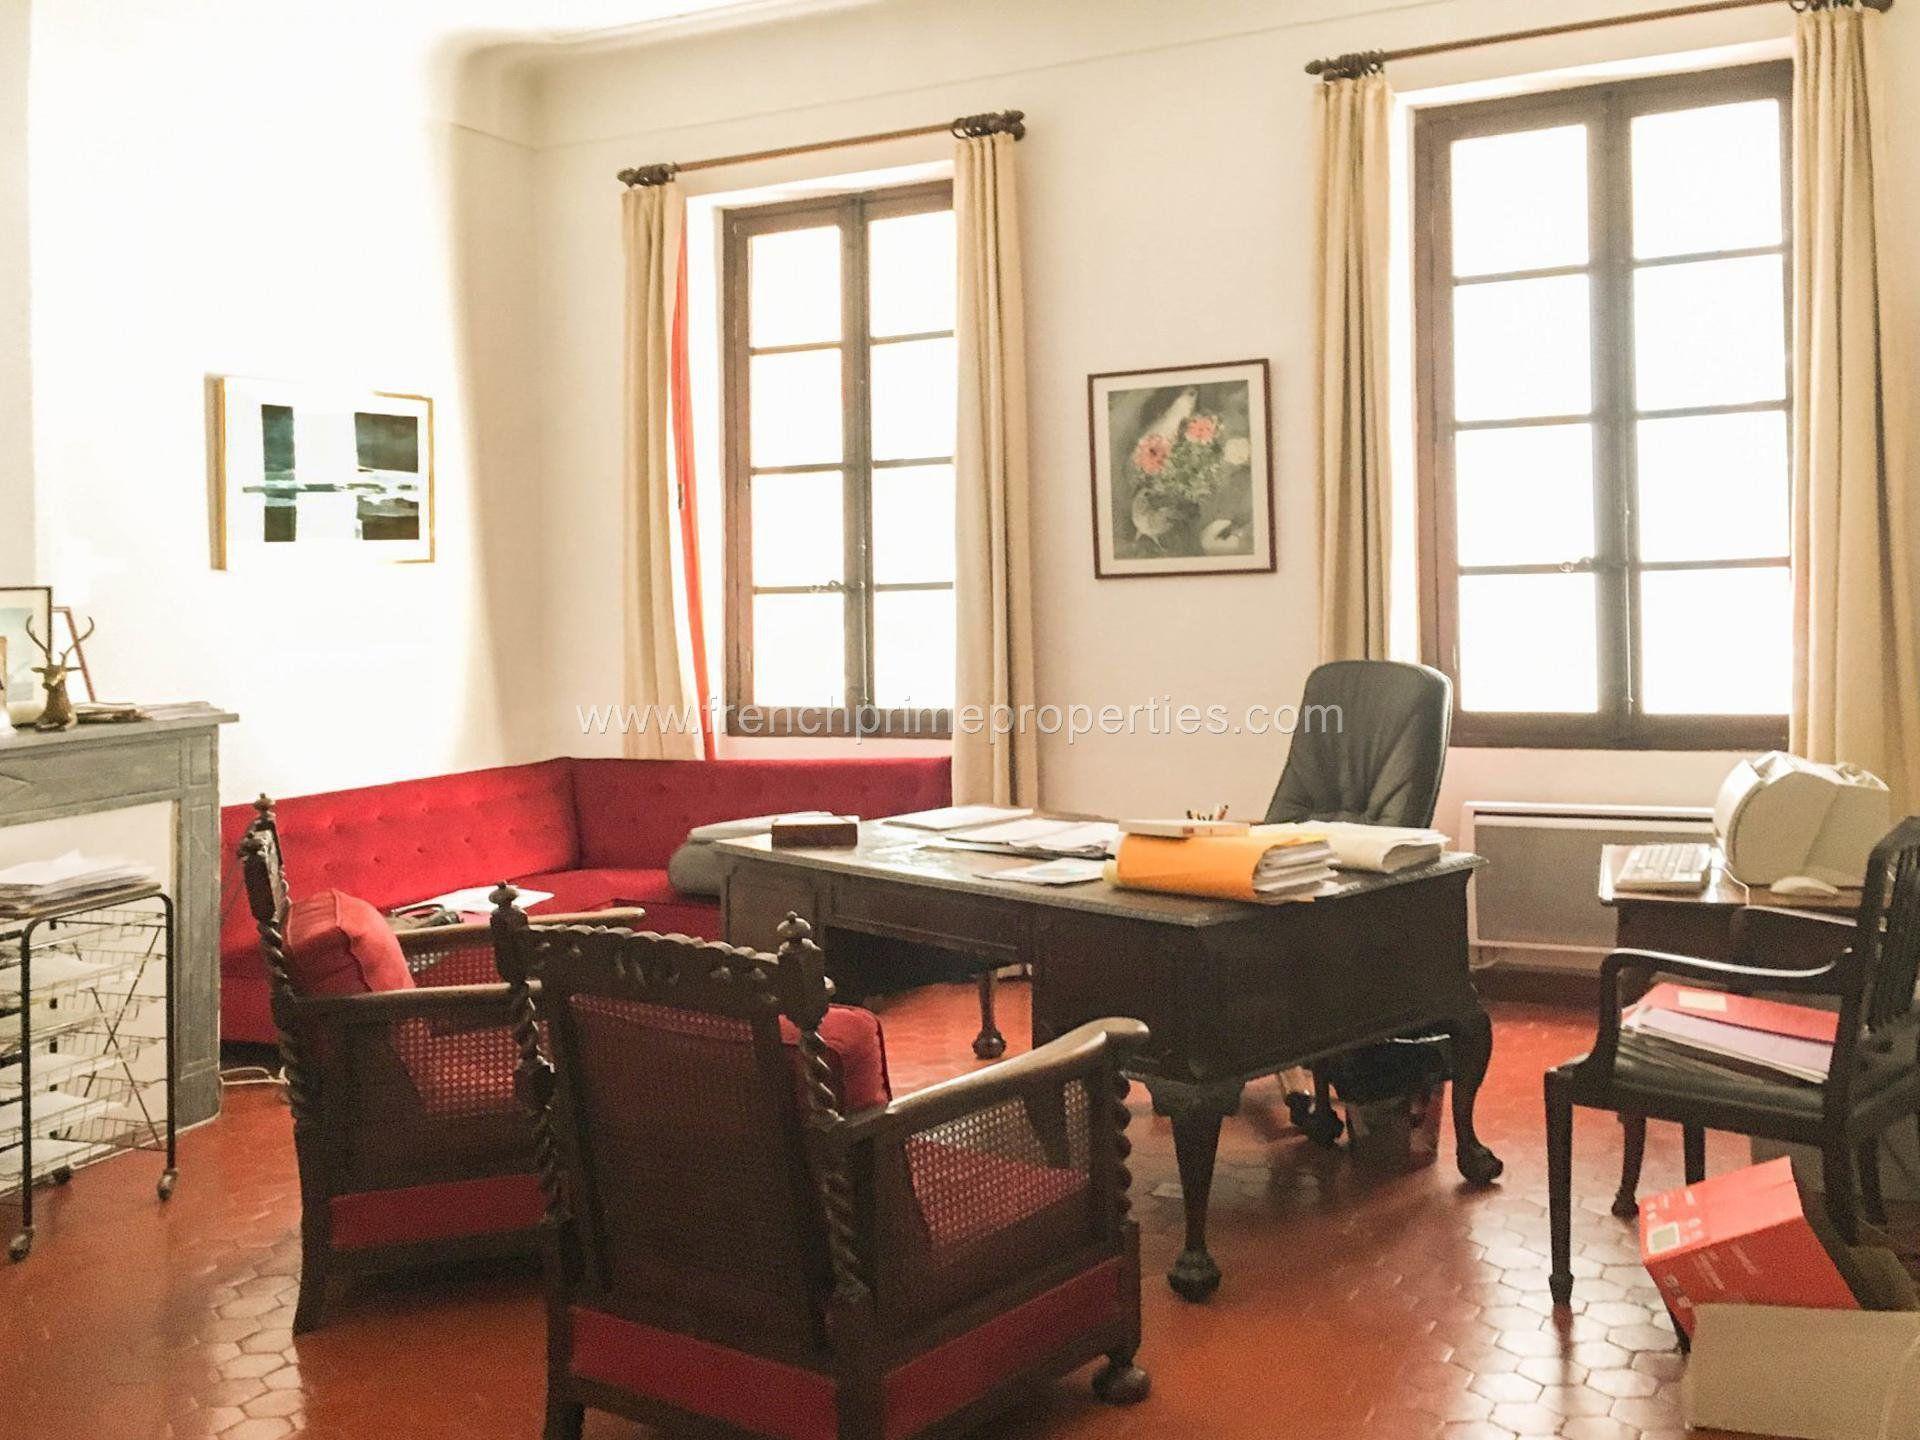 Antibes Veille Ville Rare Sur Le Marche Spacieux 5 Pieces De 130 M Bourgeois Offrant De Tres Beaux Volumes Calme Absolu Spacieux Vente Appartement